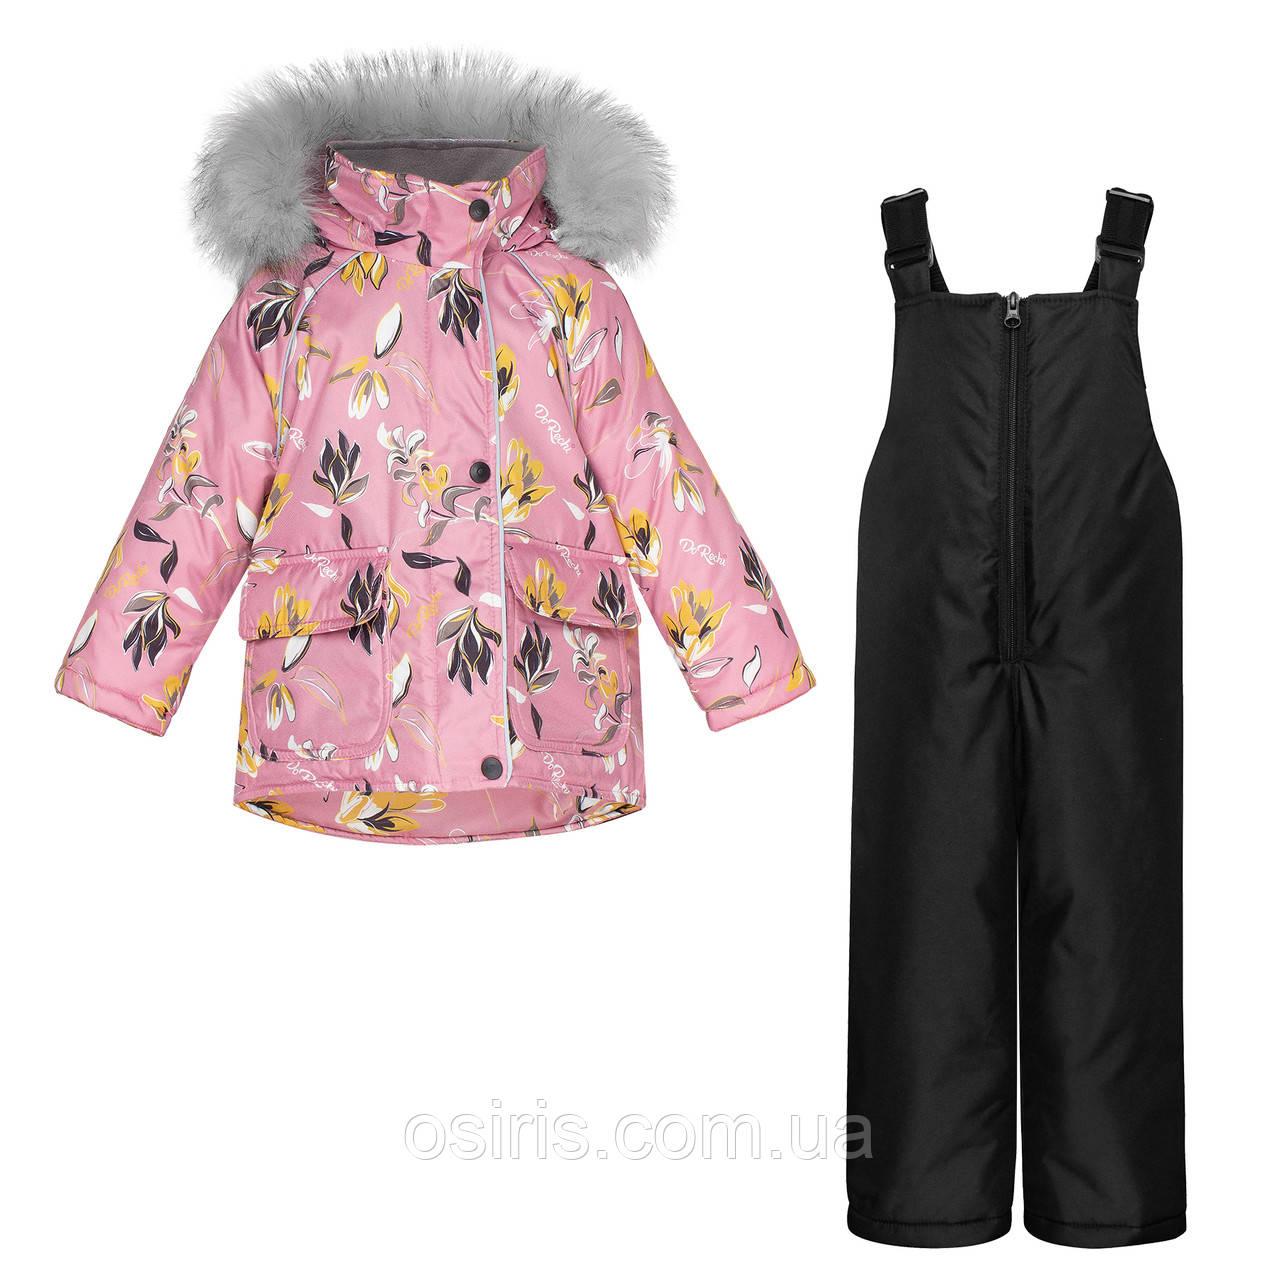 Детский зимний комплект Куртка Розовая мечта и Черный полукомбинезон / Детские куртки и комбинезоны зима